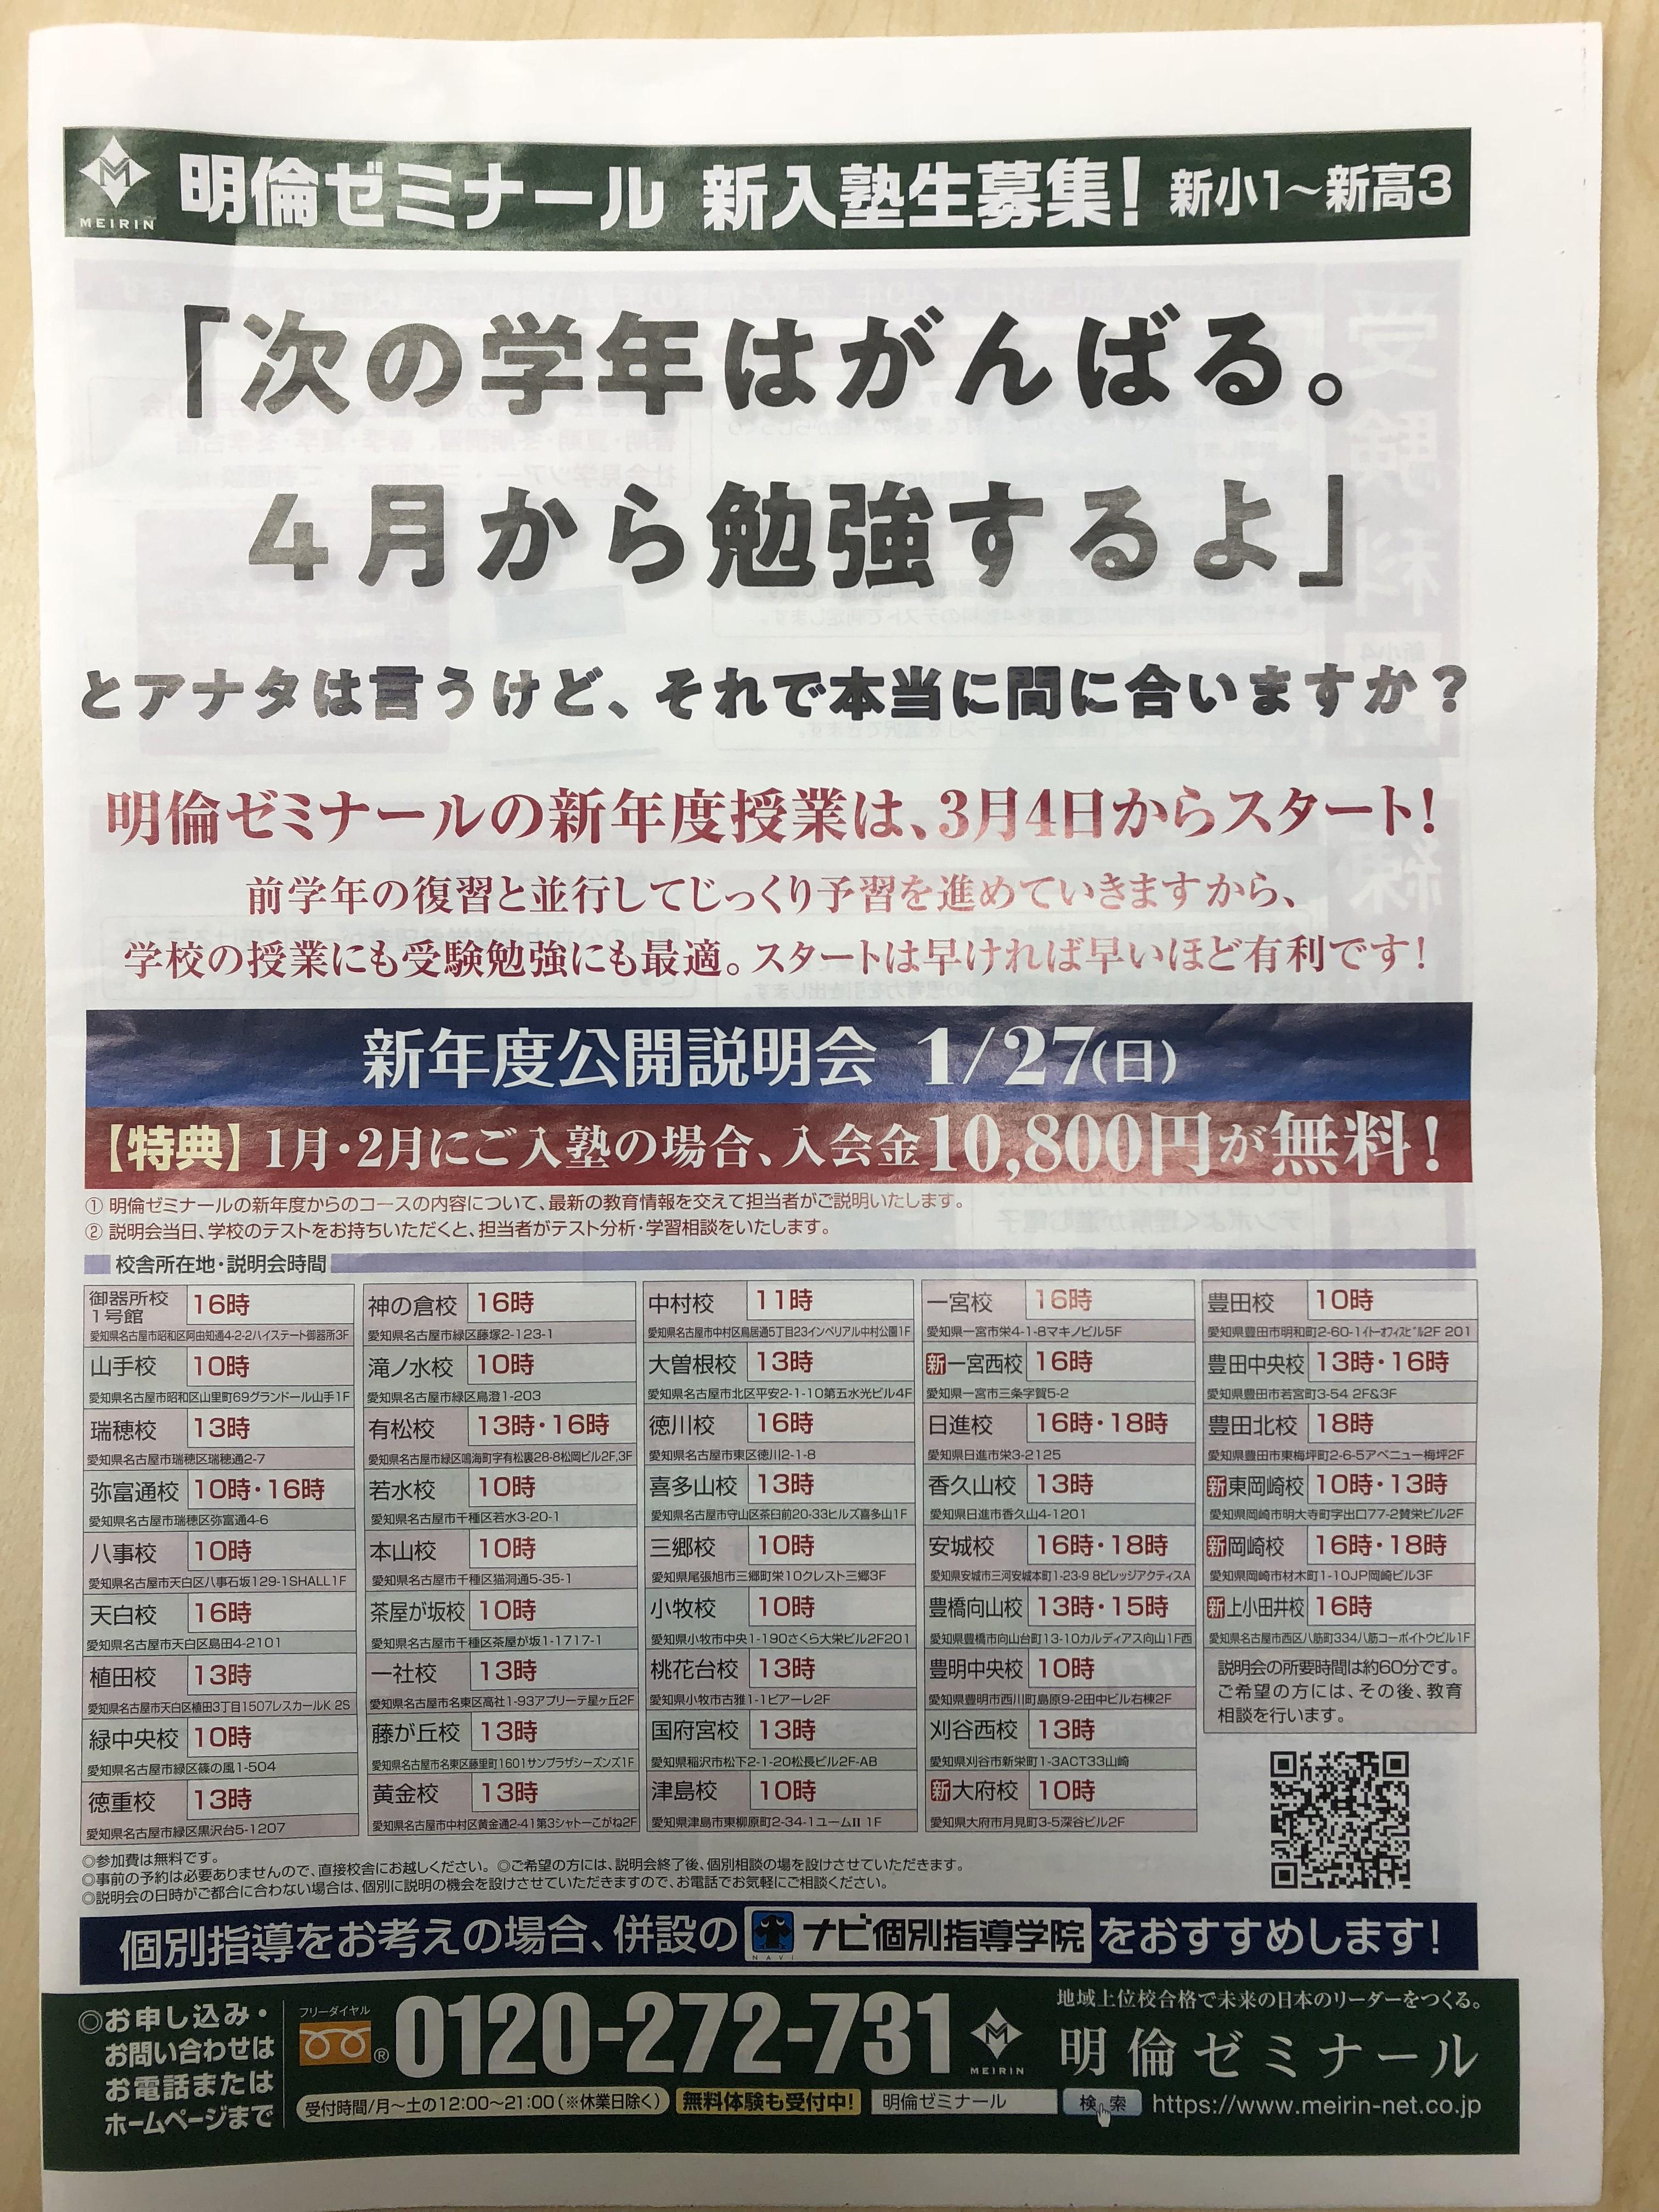 1月27日【日】16時 新年度説明会開催!